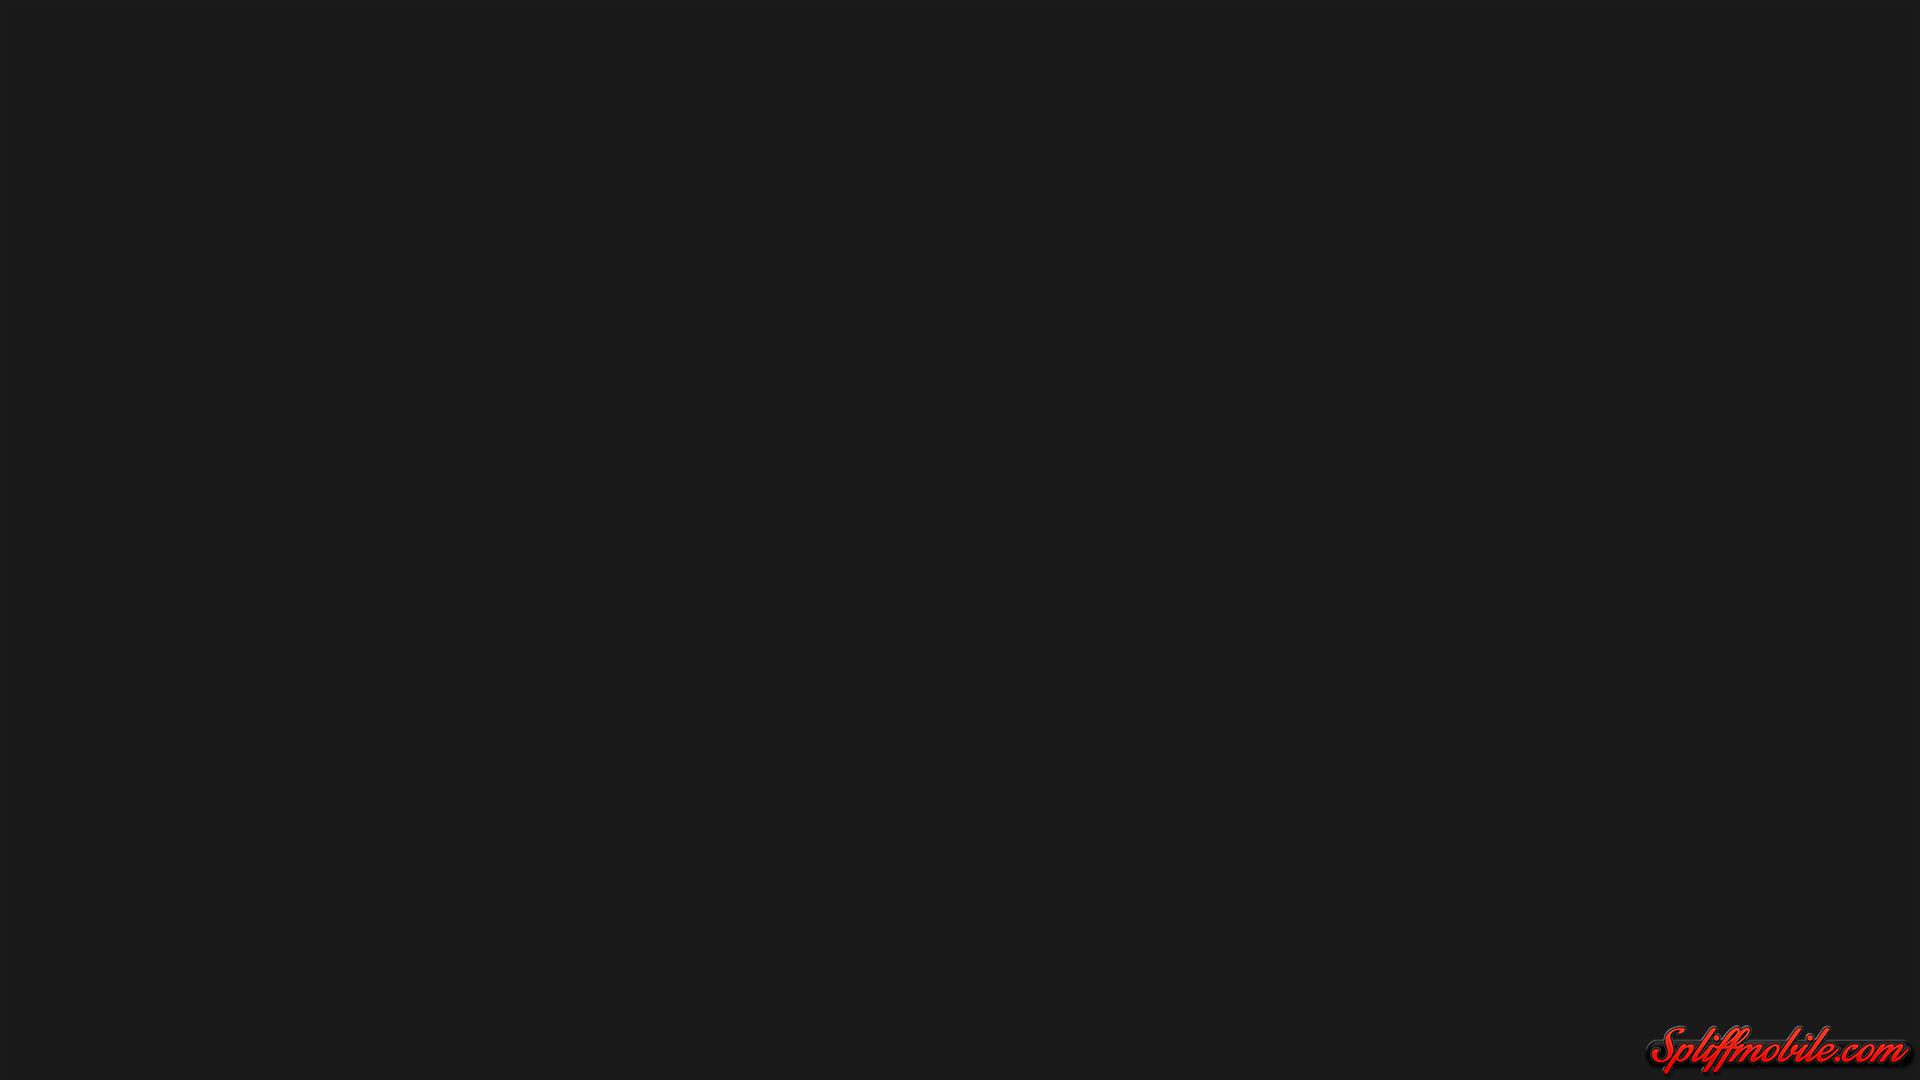 HD Black Carbon Fibre Wallpaper 1920x1080